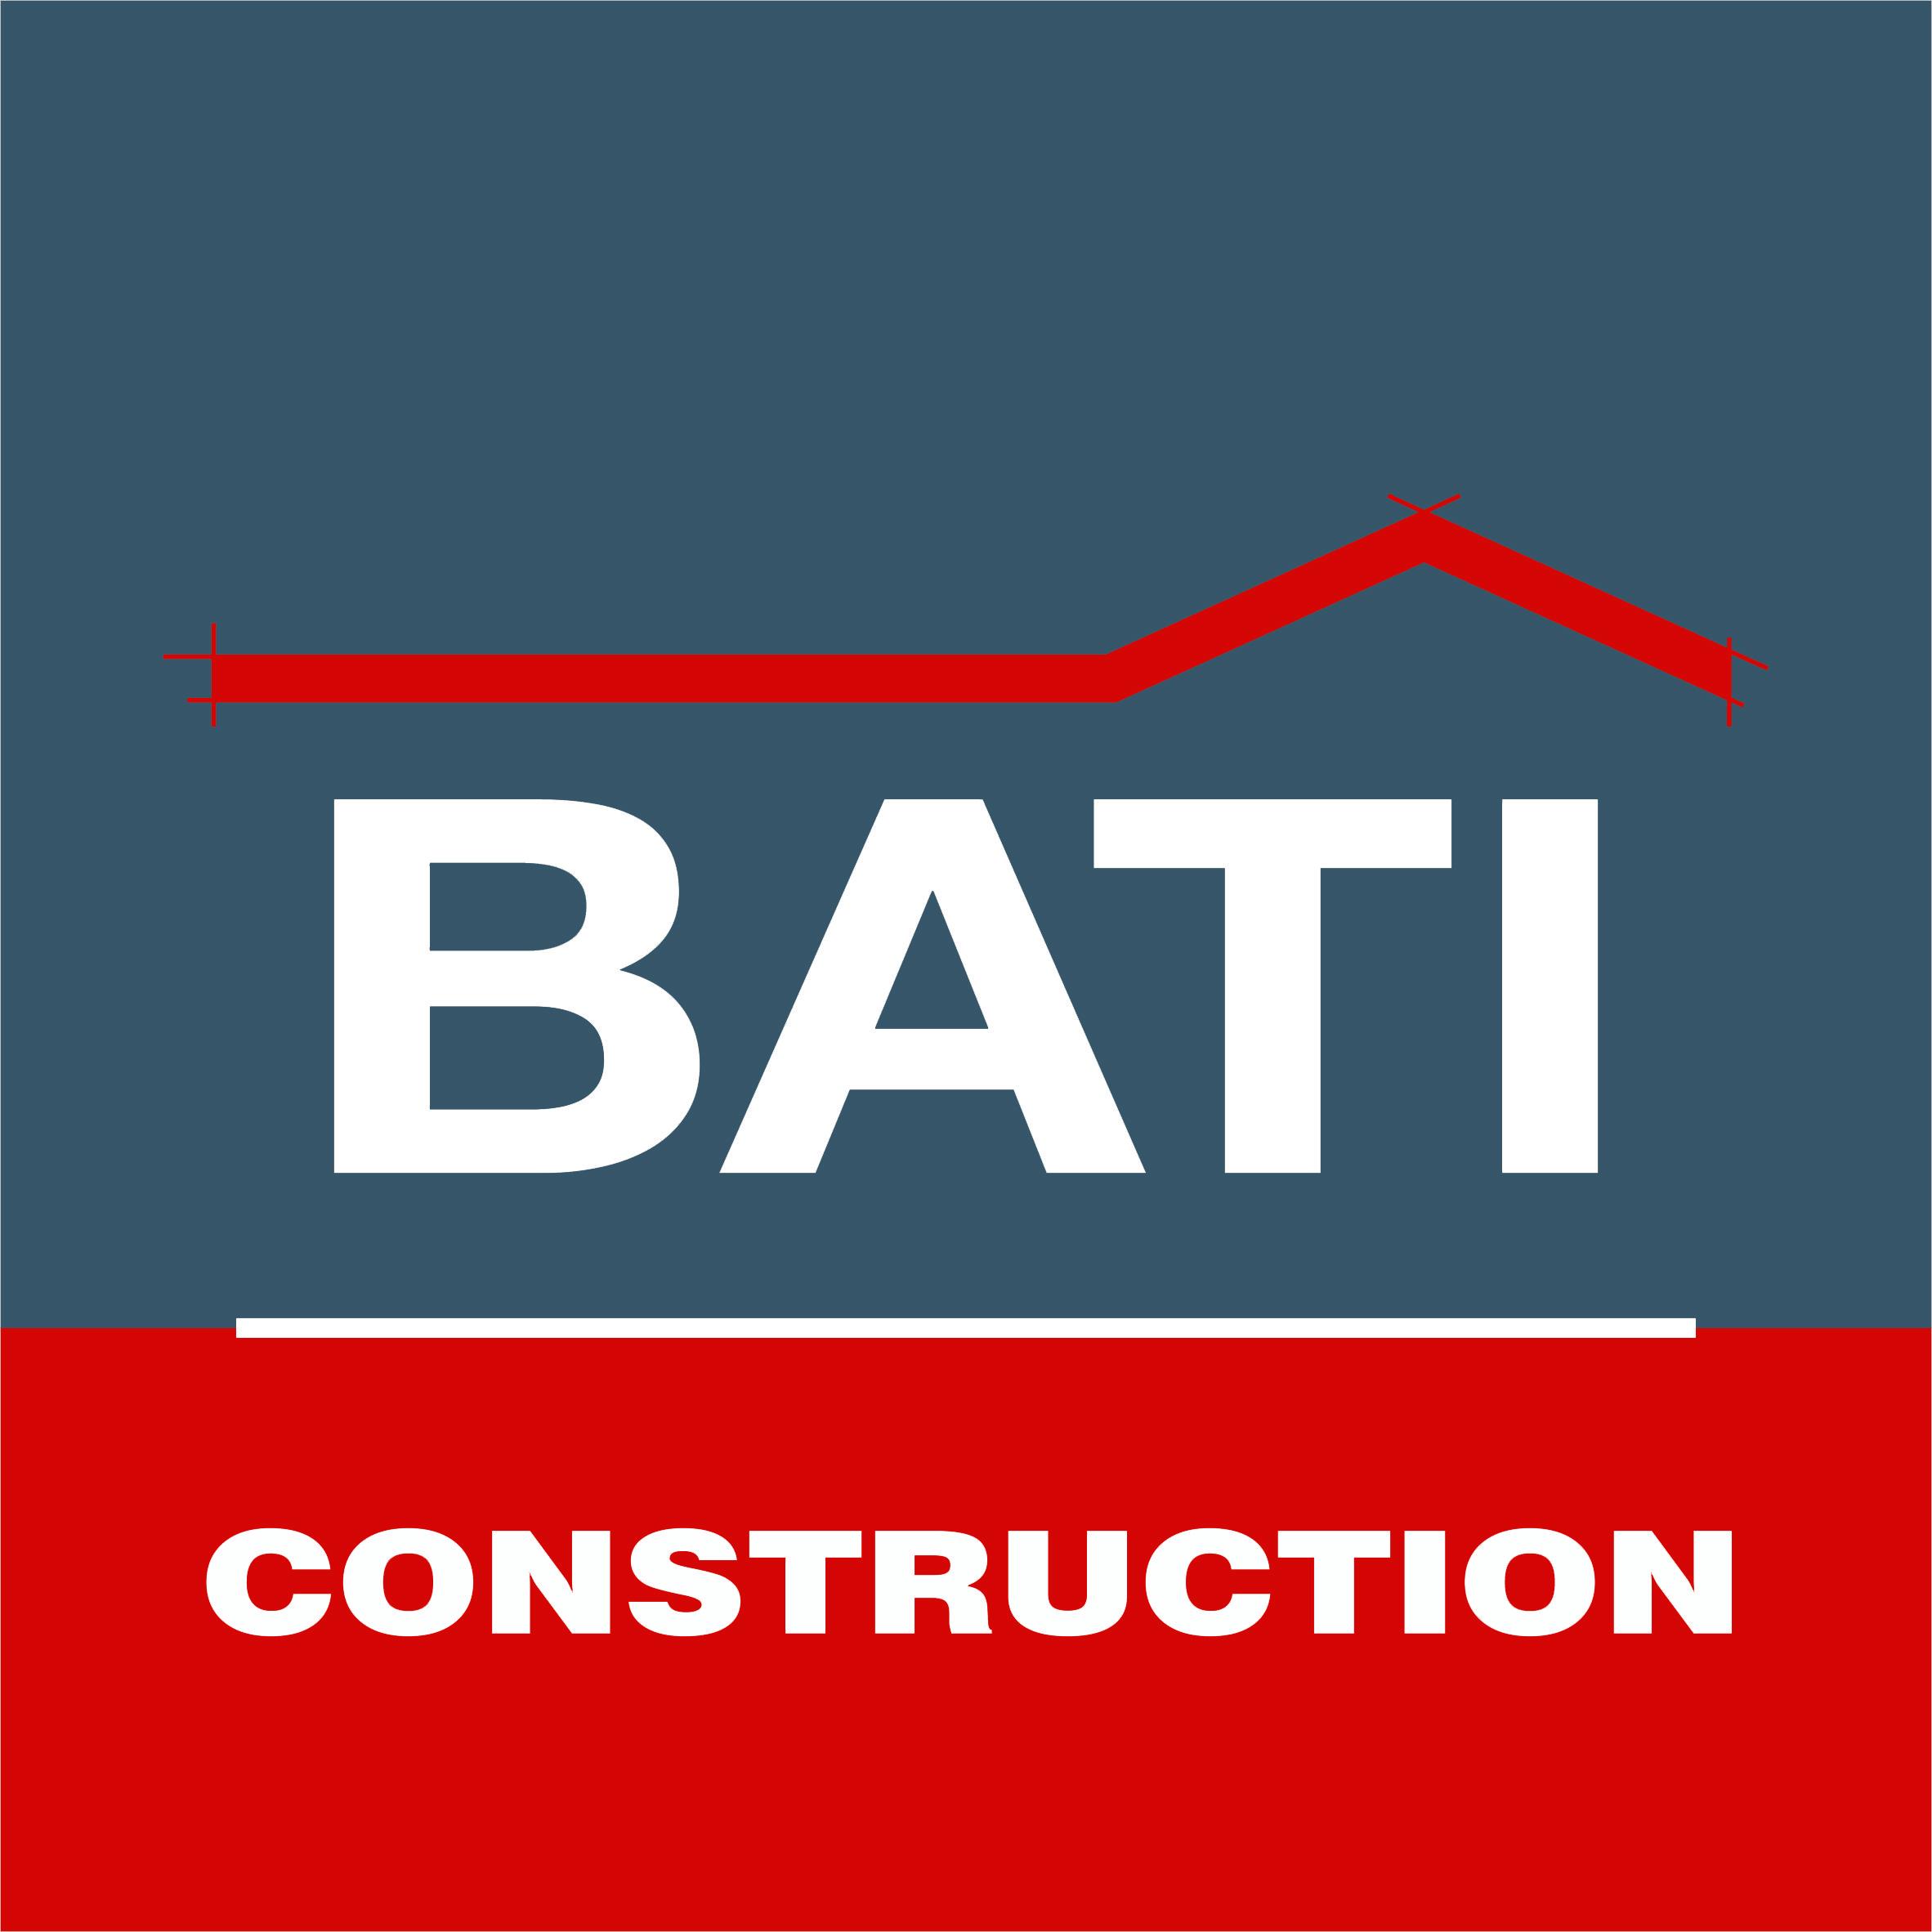 Bati Construction, adhérent du GE Mer & Vie - Groupement Mer & Vie spécialiste du temps partagé et des compétences mutualisées sur les secteurs de Saint Gilles Croix de Vie, Aizenay et la Roche-sur-Yon